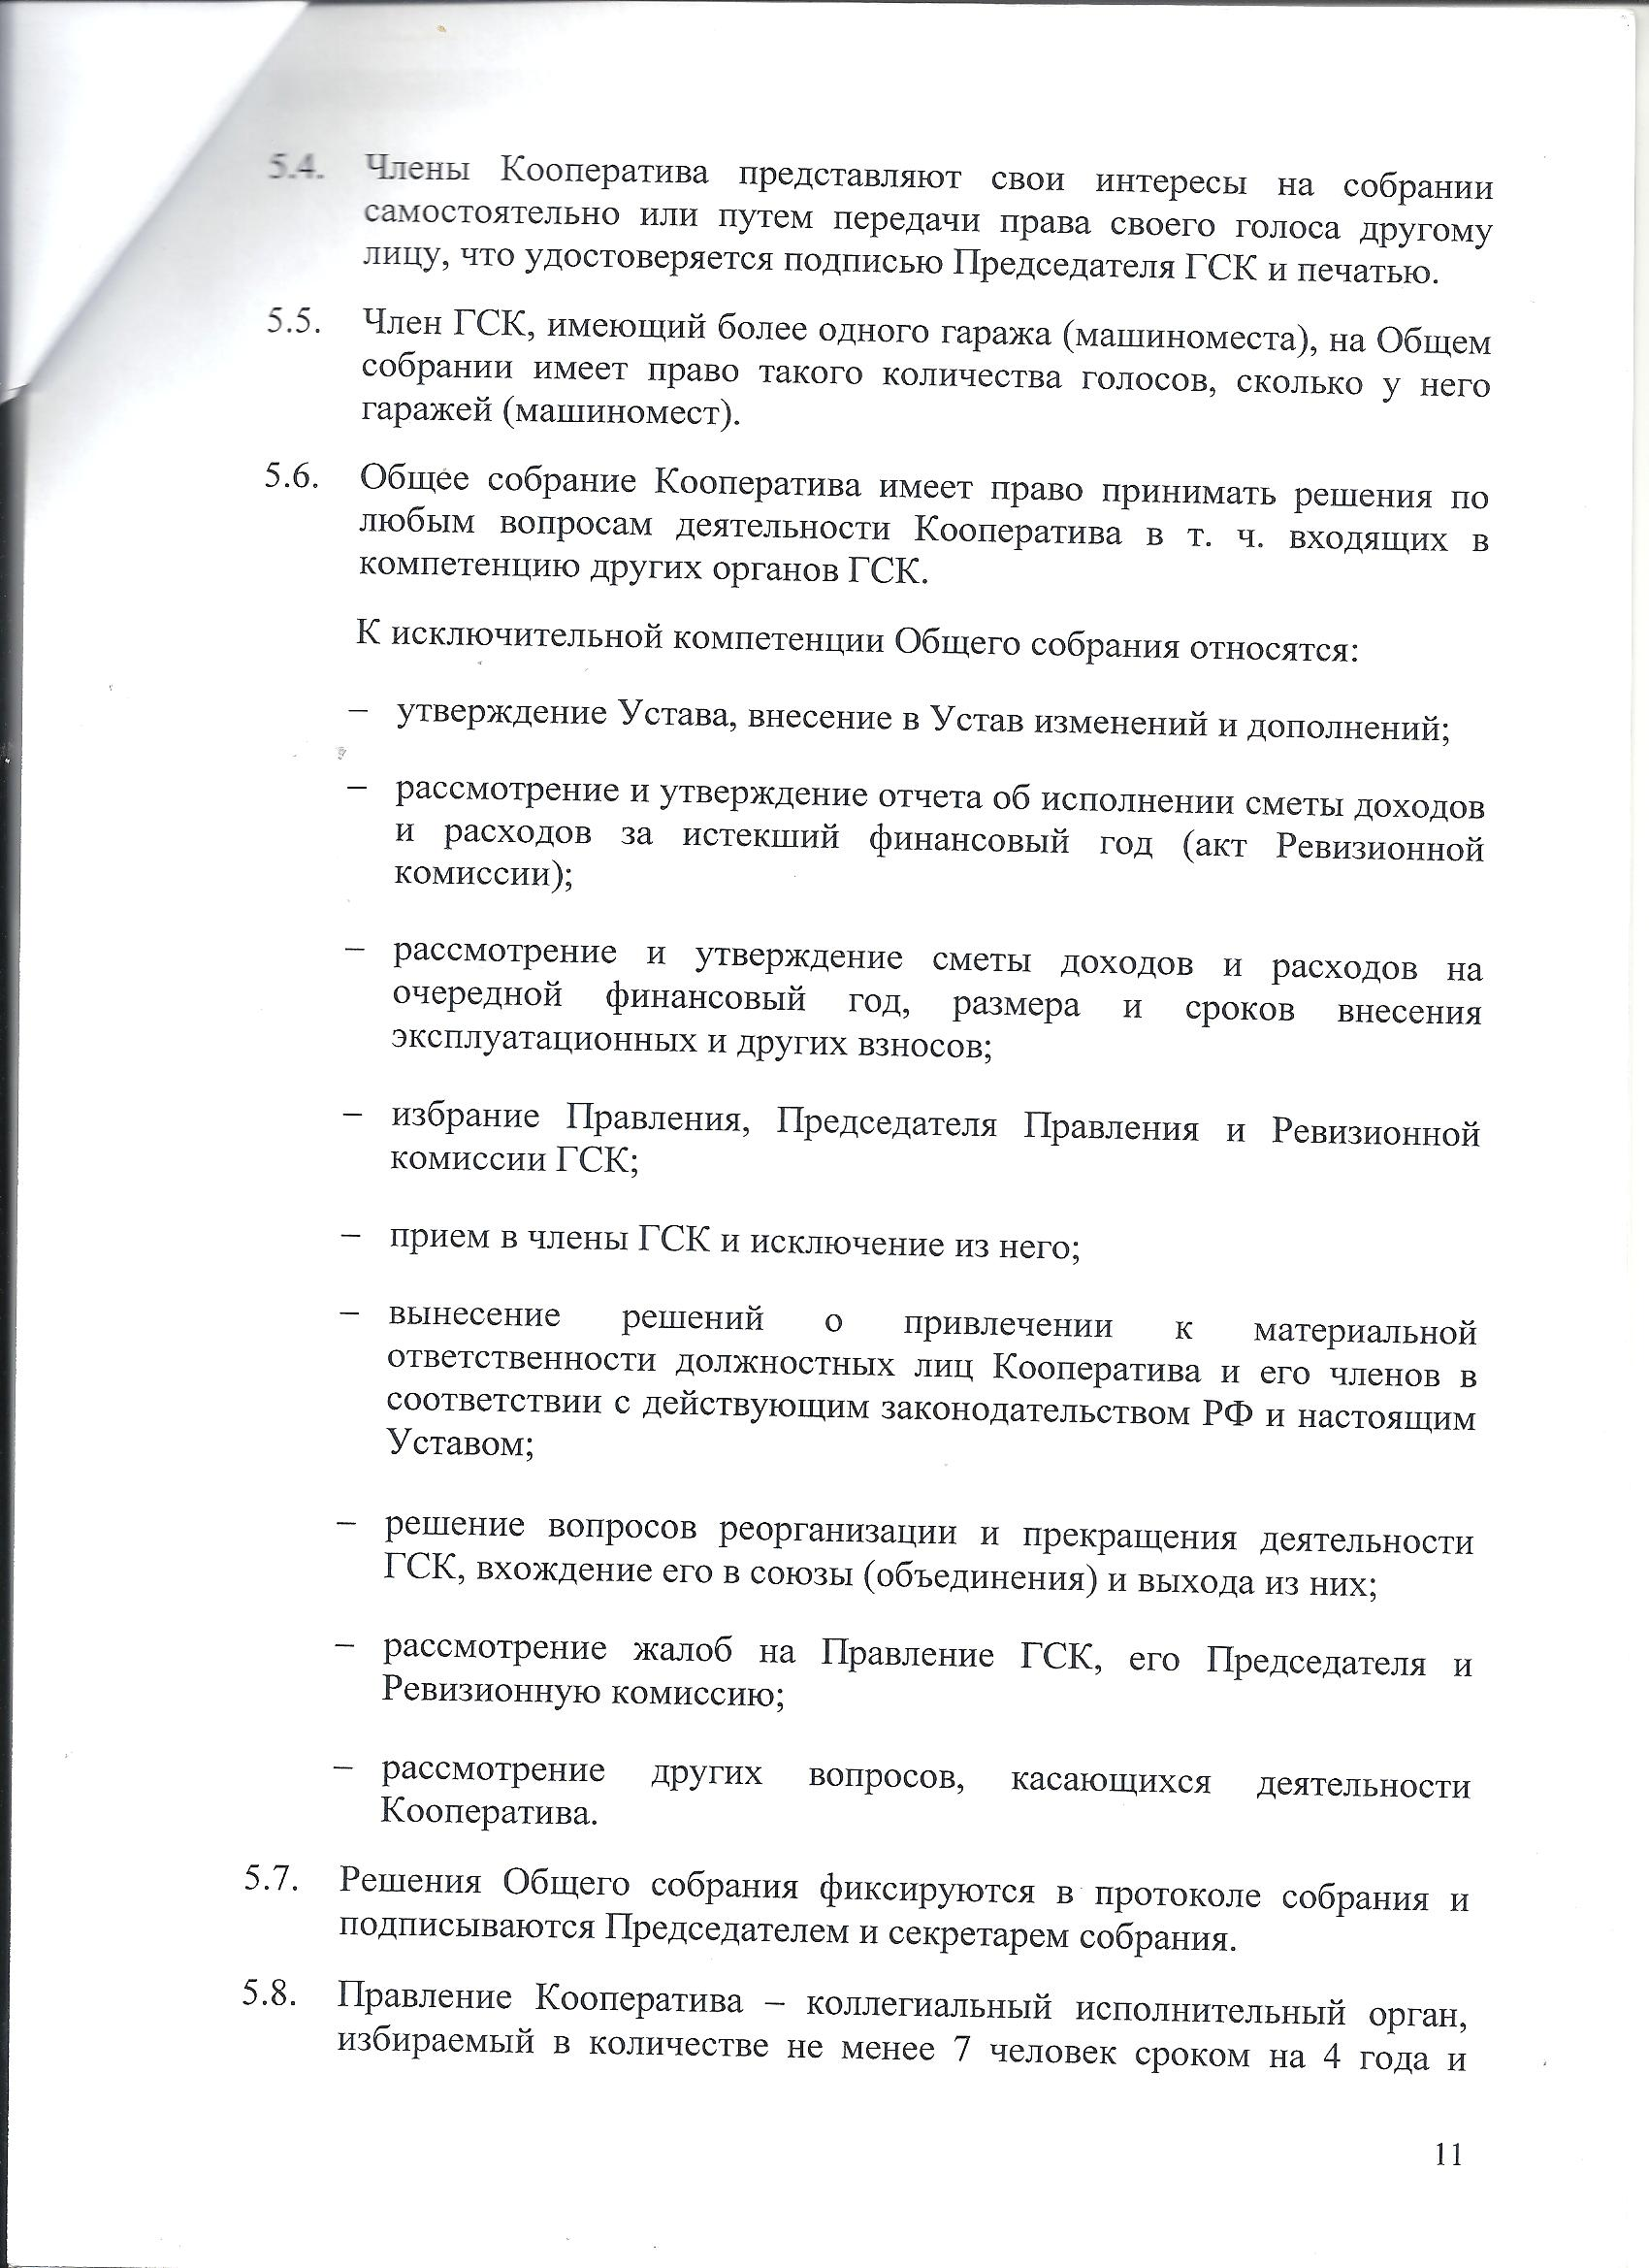 http://forumupload.ru/uploads/0018/e6/9c/2/469090.jpg